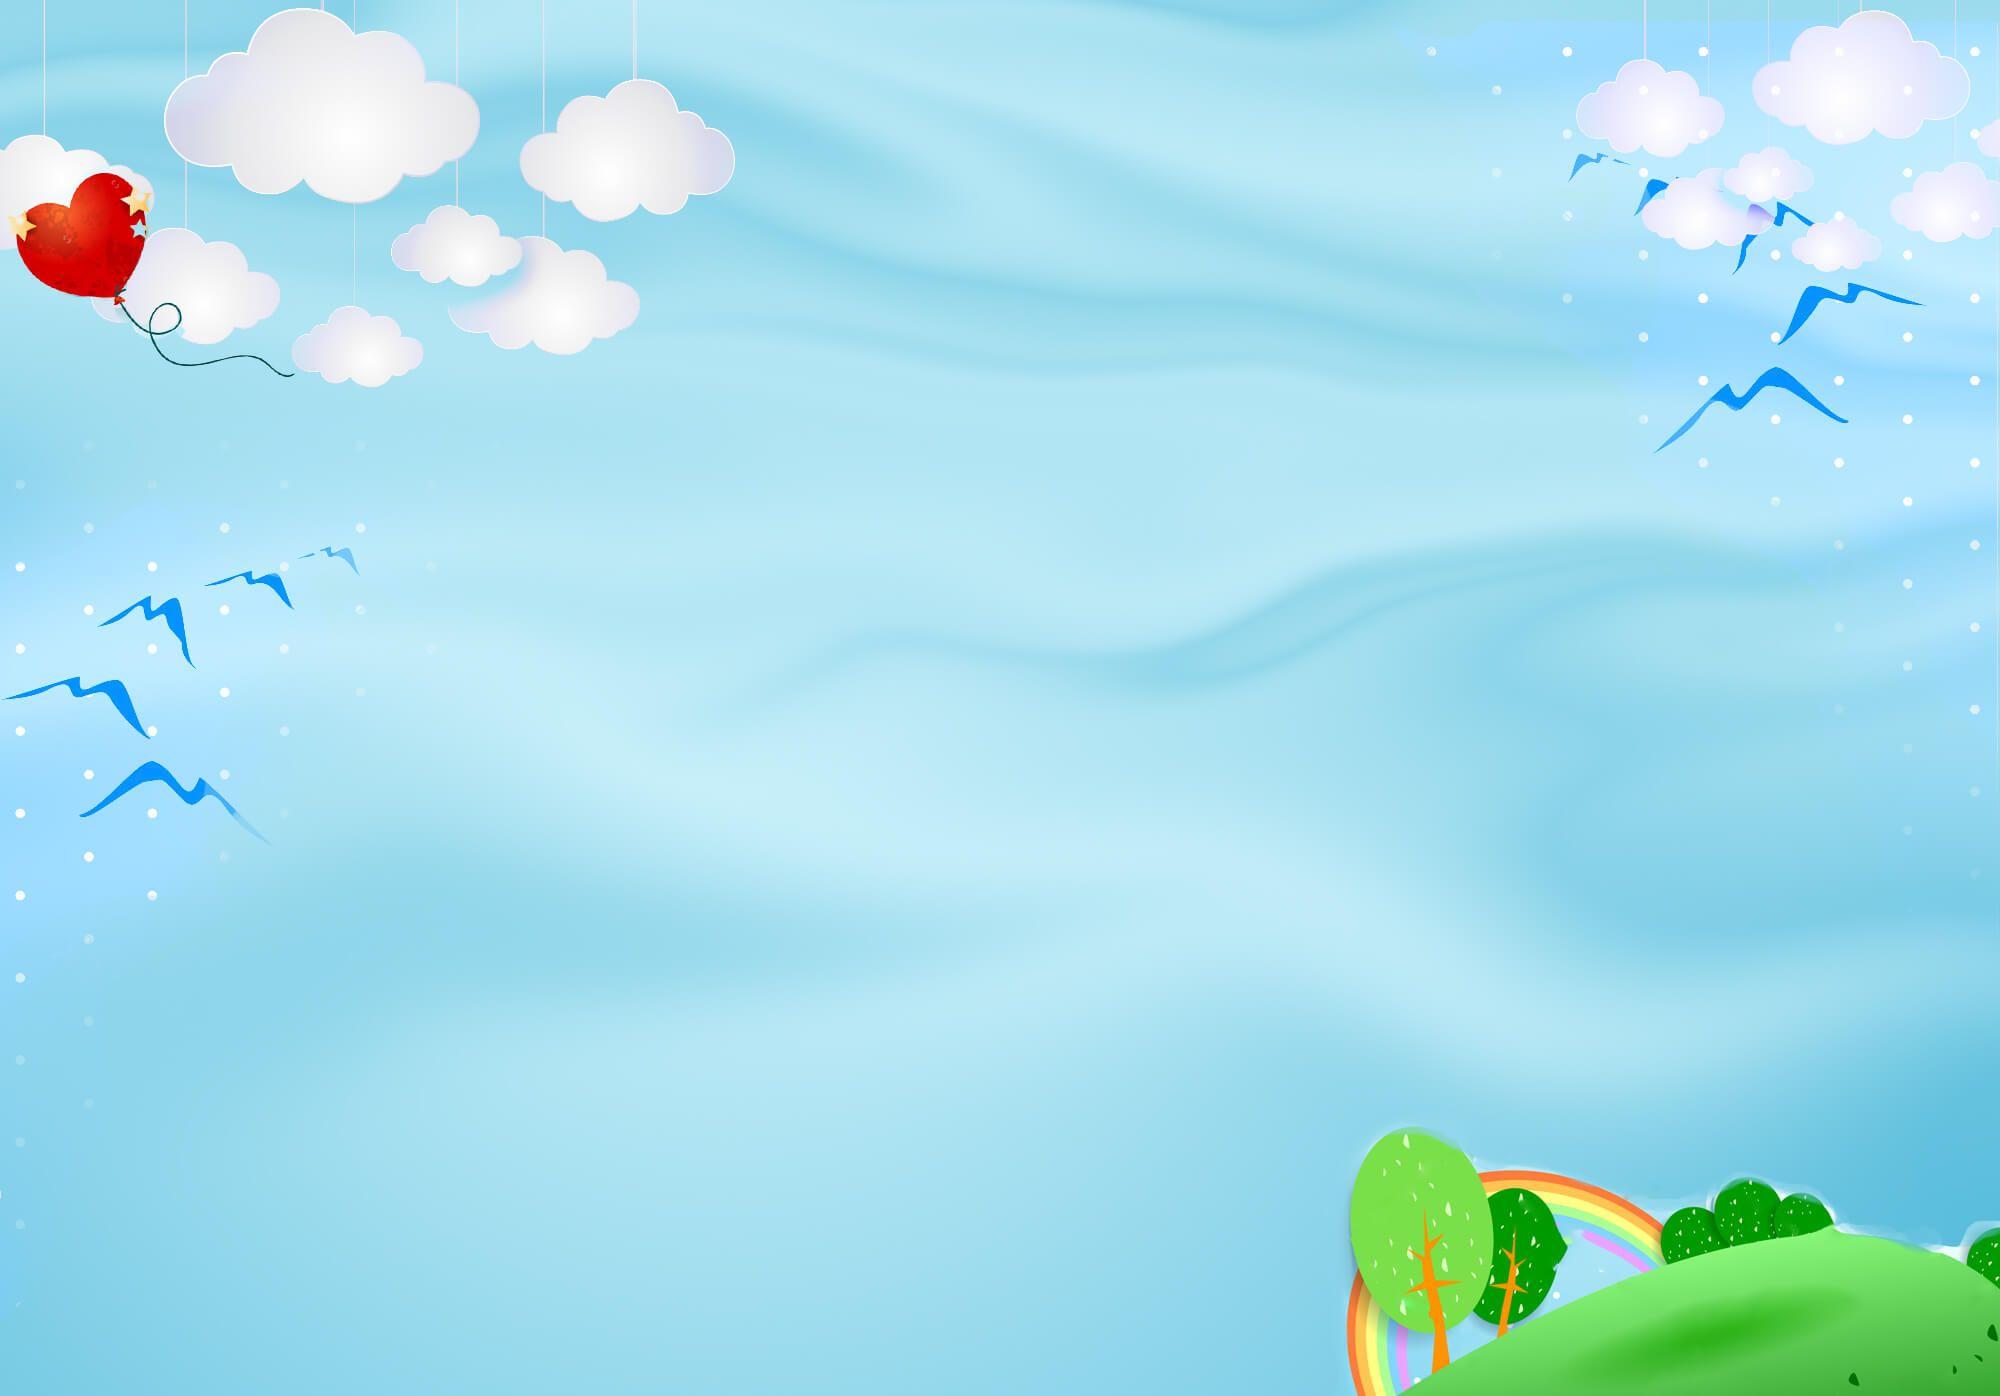 Hình ảnh background nền xanh có mây và đồi cỏ